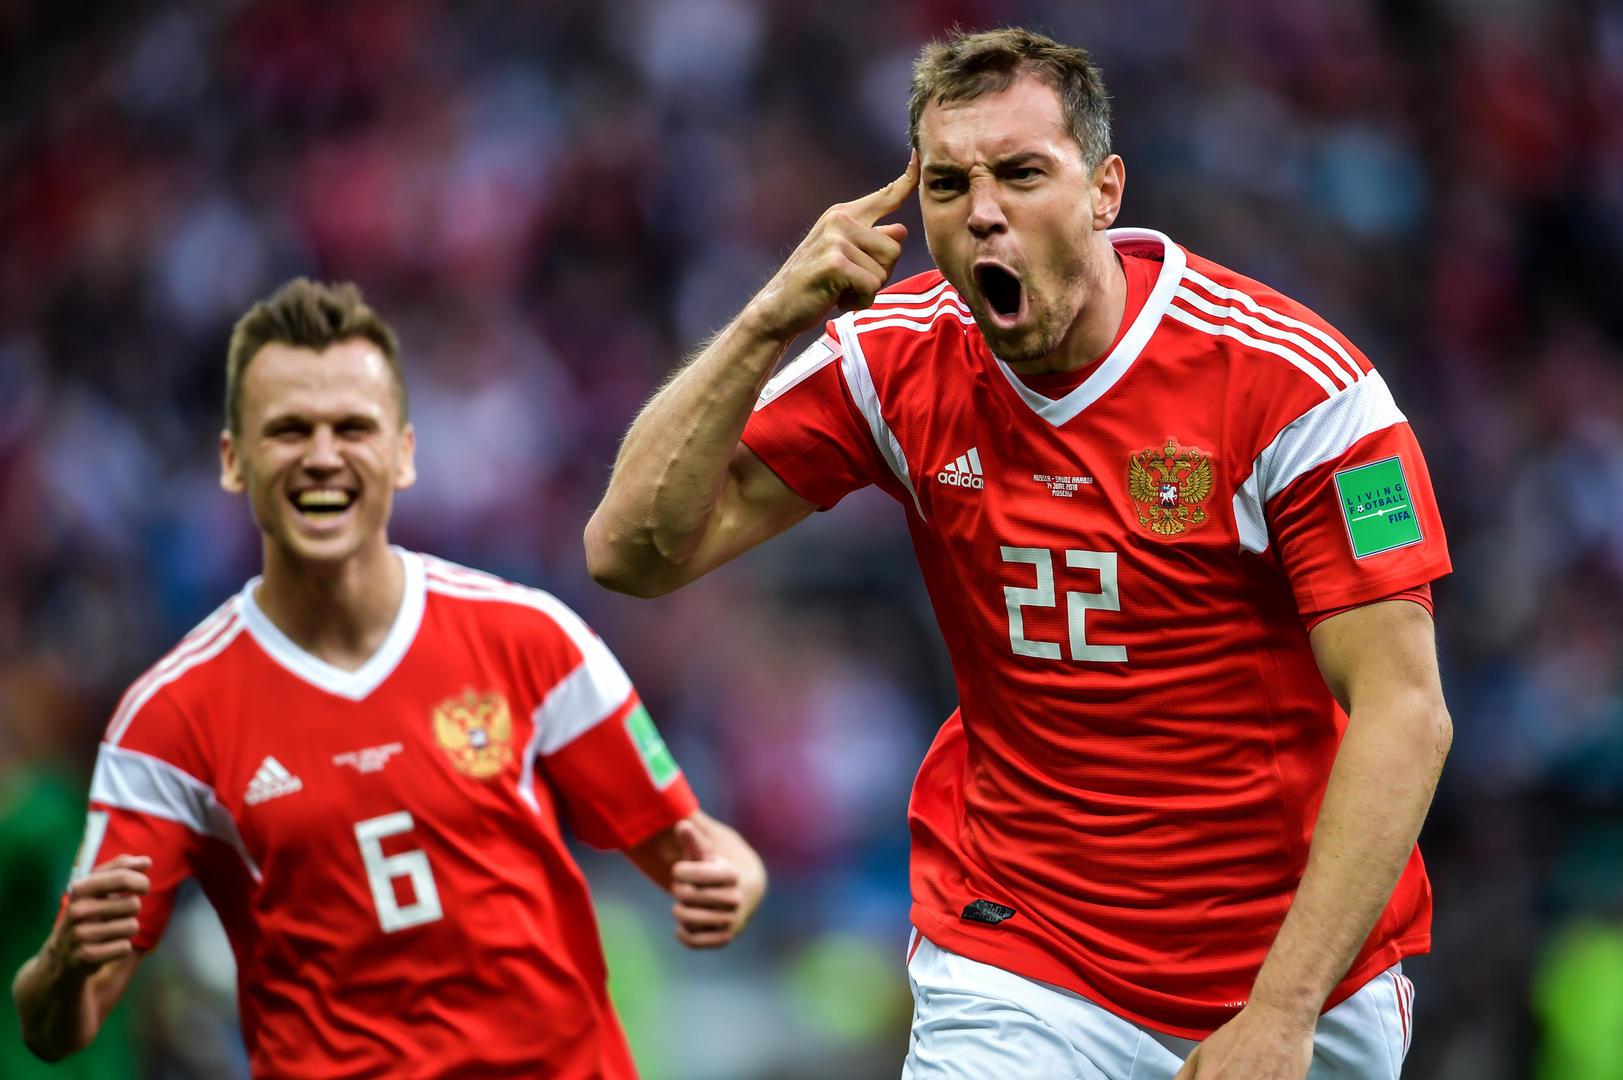 观察   当家球星仍是老将久巴,俄罗斯足球能否驱散兴奋剂阴霾?